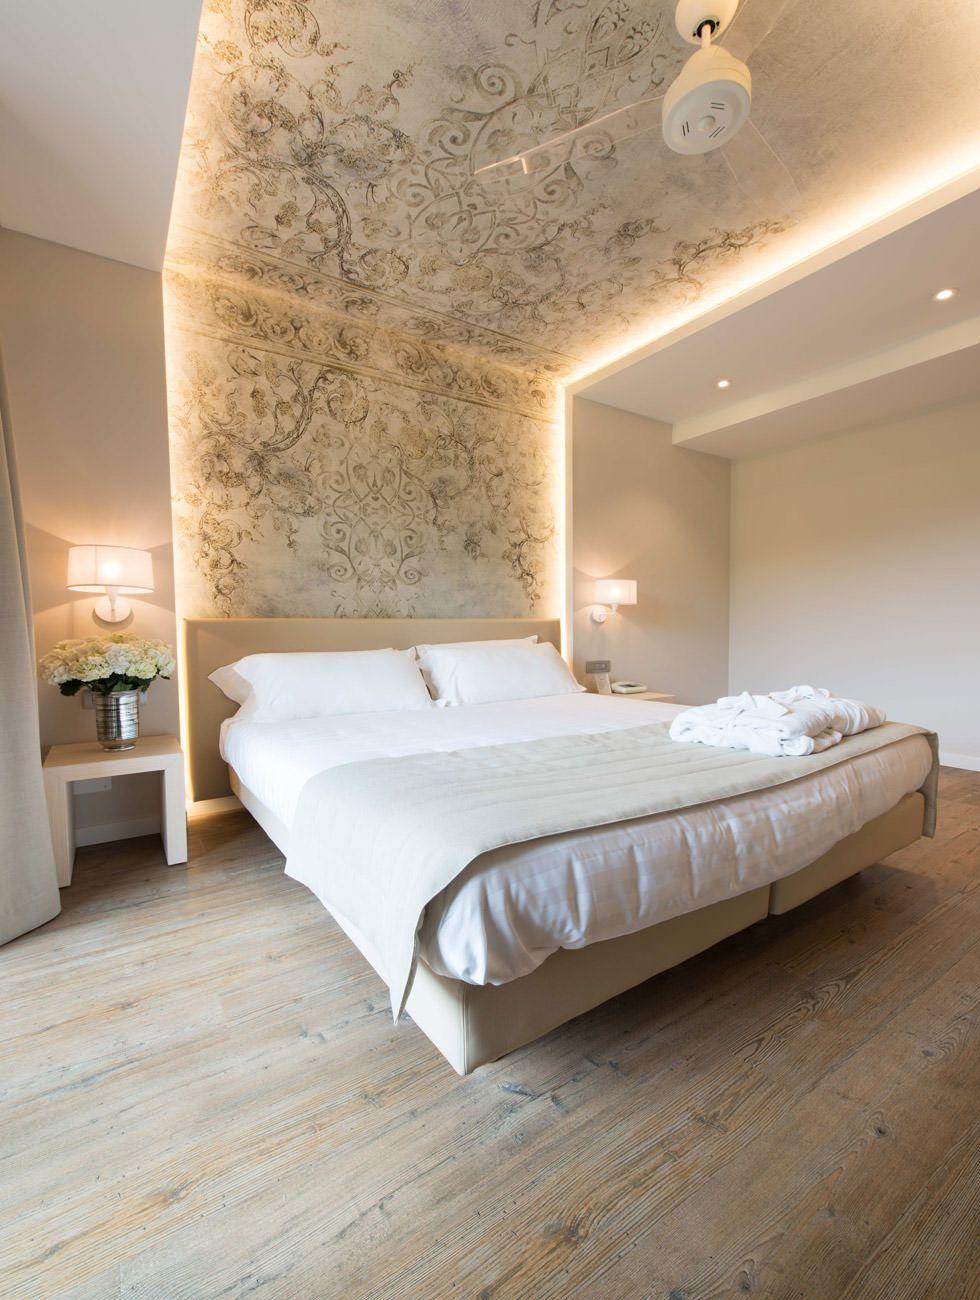 Diversificare il design del soffitto di cartongesso in camera da letto luci. Controsoffitti In Cartongesso Guida Utile 50 Stupende Idee Ceiling Design Bedroom Stylish Bedroom Design Bedroom Interior